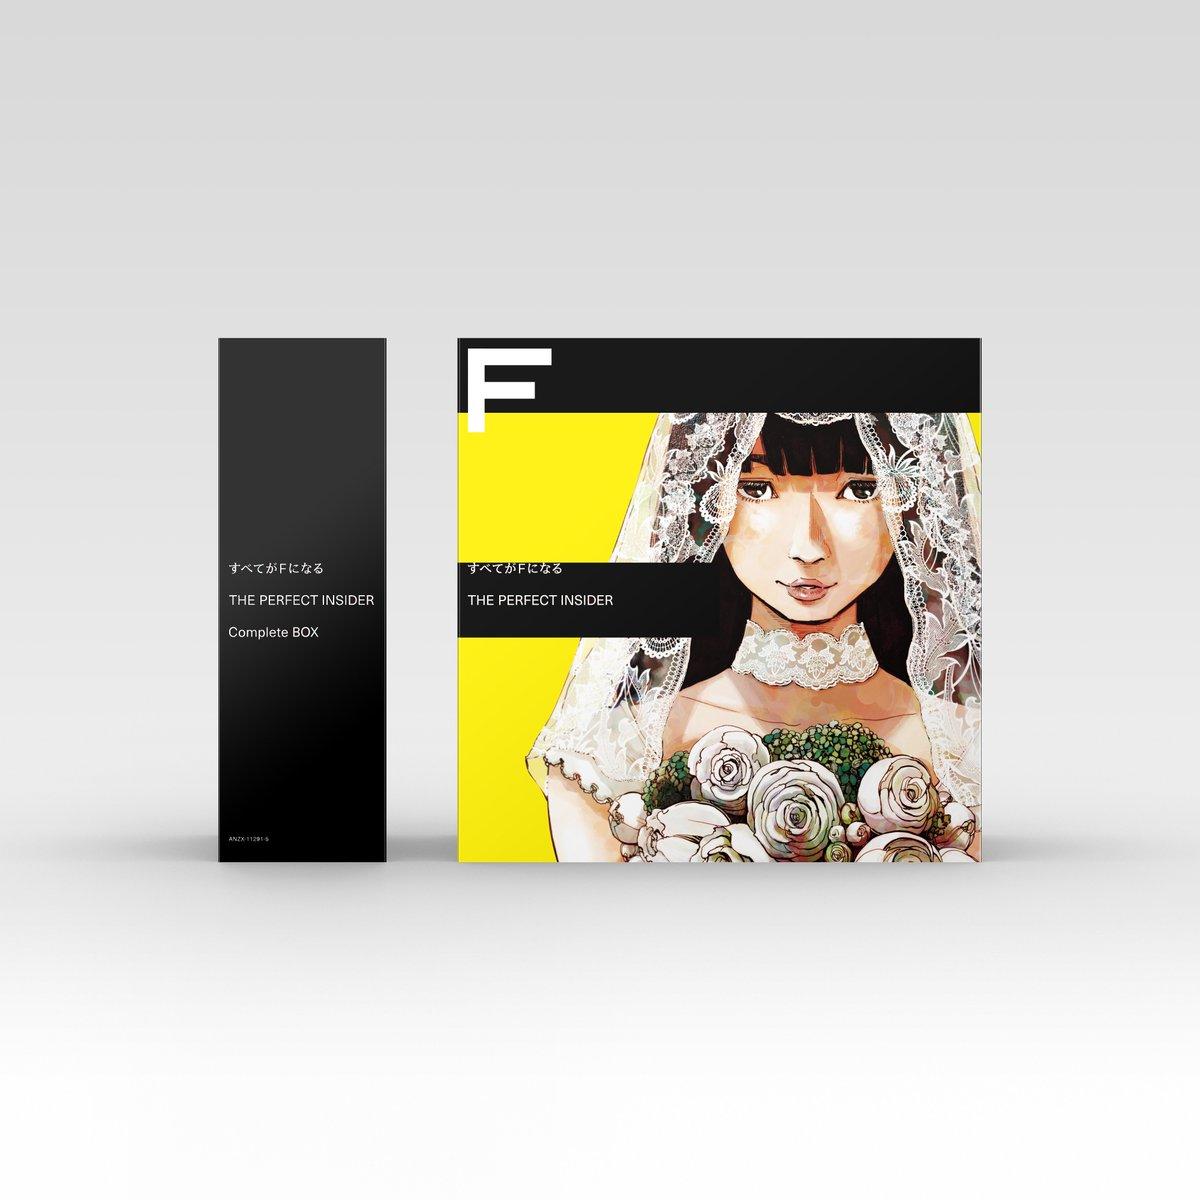 に なる が f すべて 武井咲×綾野剛主演ドラマ「すべてがFになる」をフル無料視聴する方法